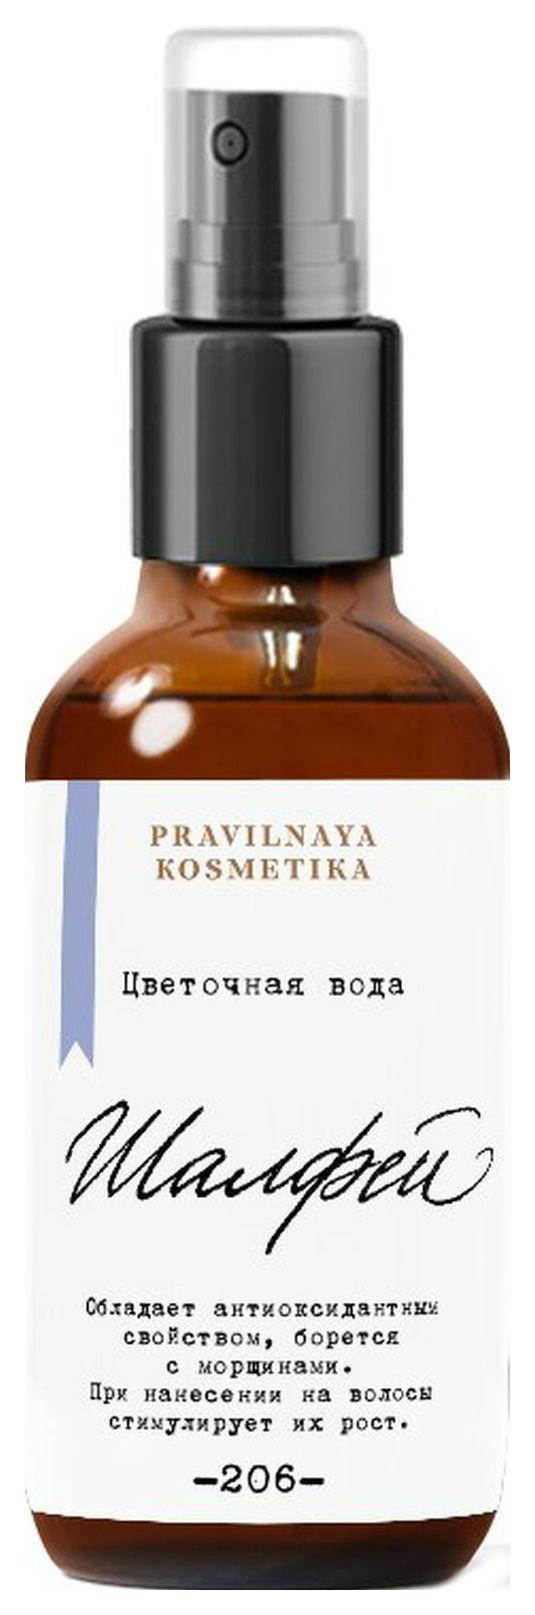 Тоник для лица Pravilnaya Kosmetika Шалфей 50 мл фото